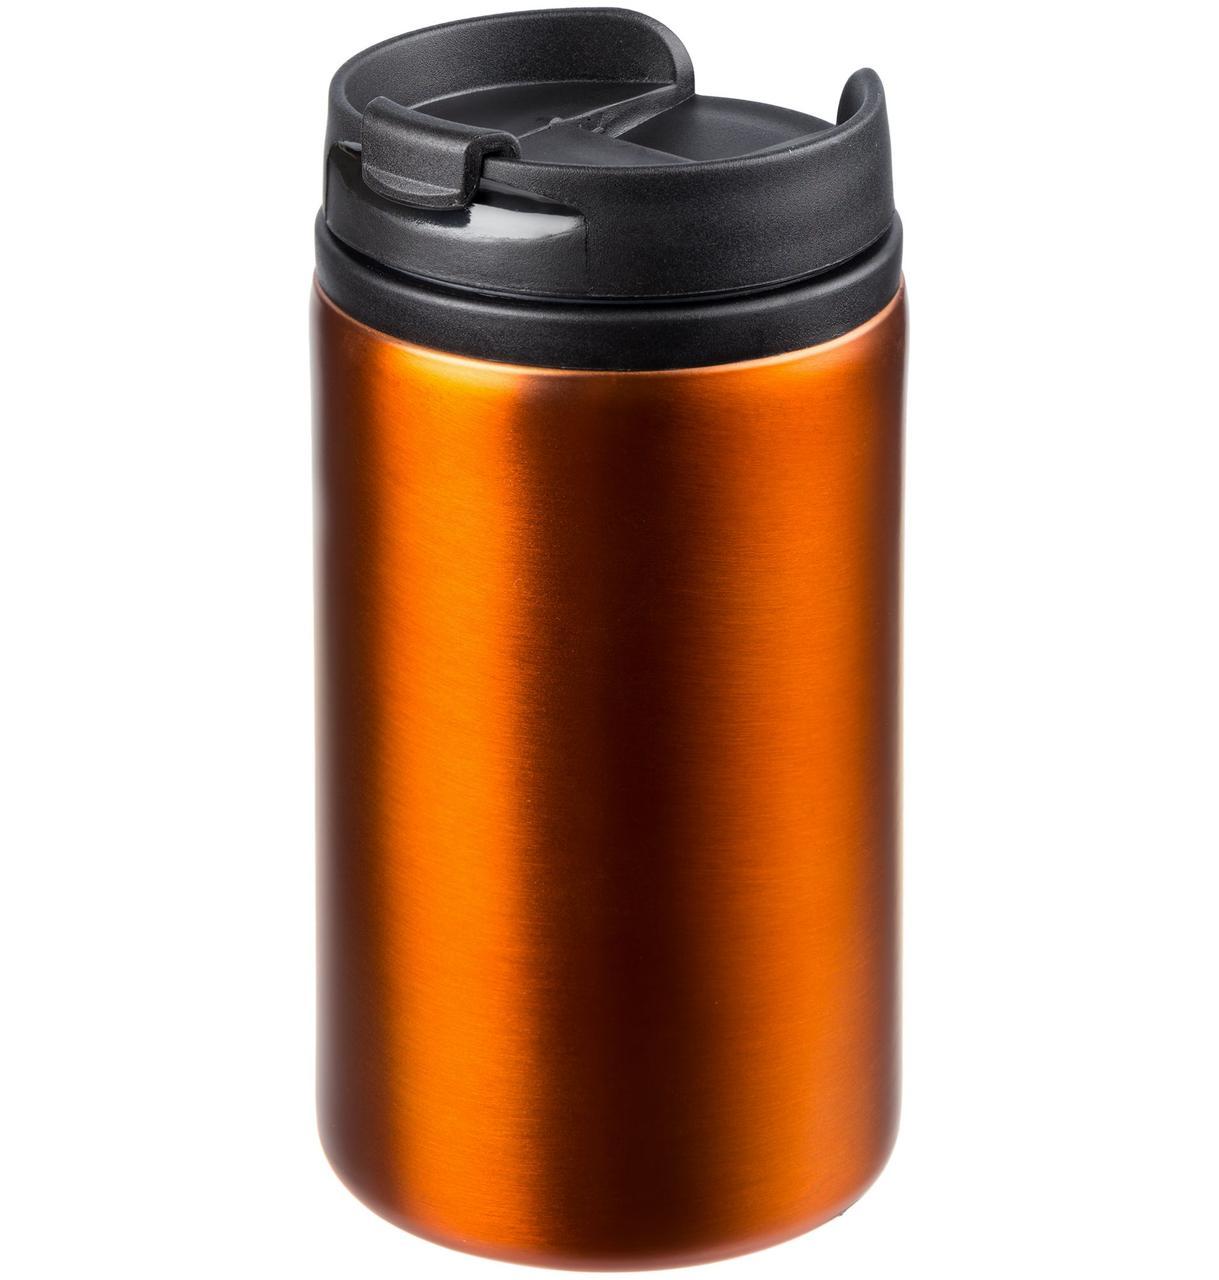 Термостакан Canella, оранжевый (артикул 12394.20)